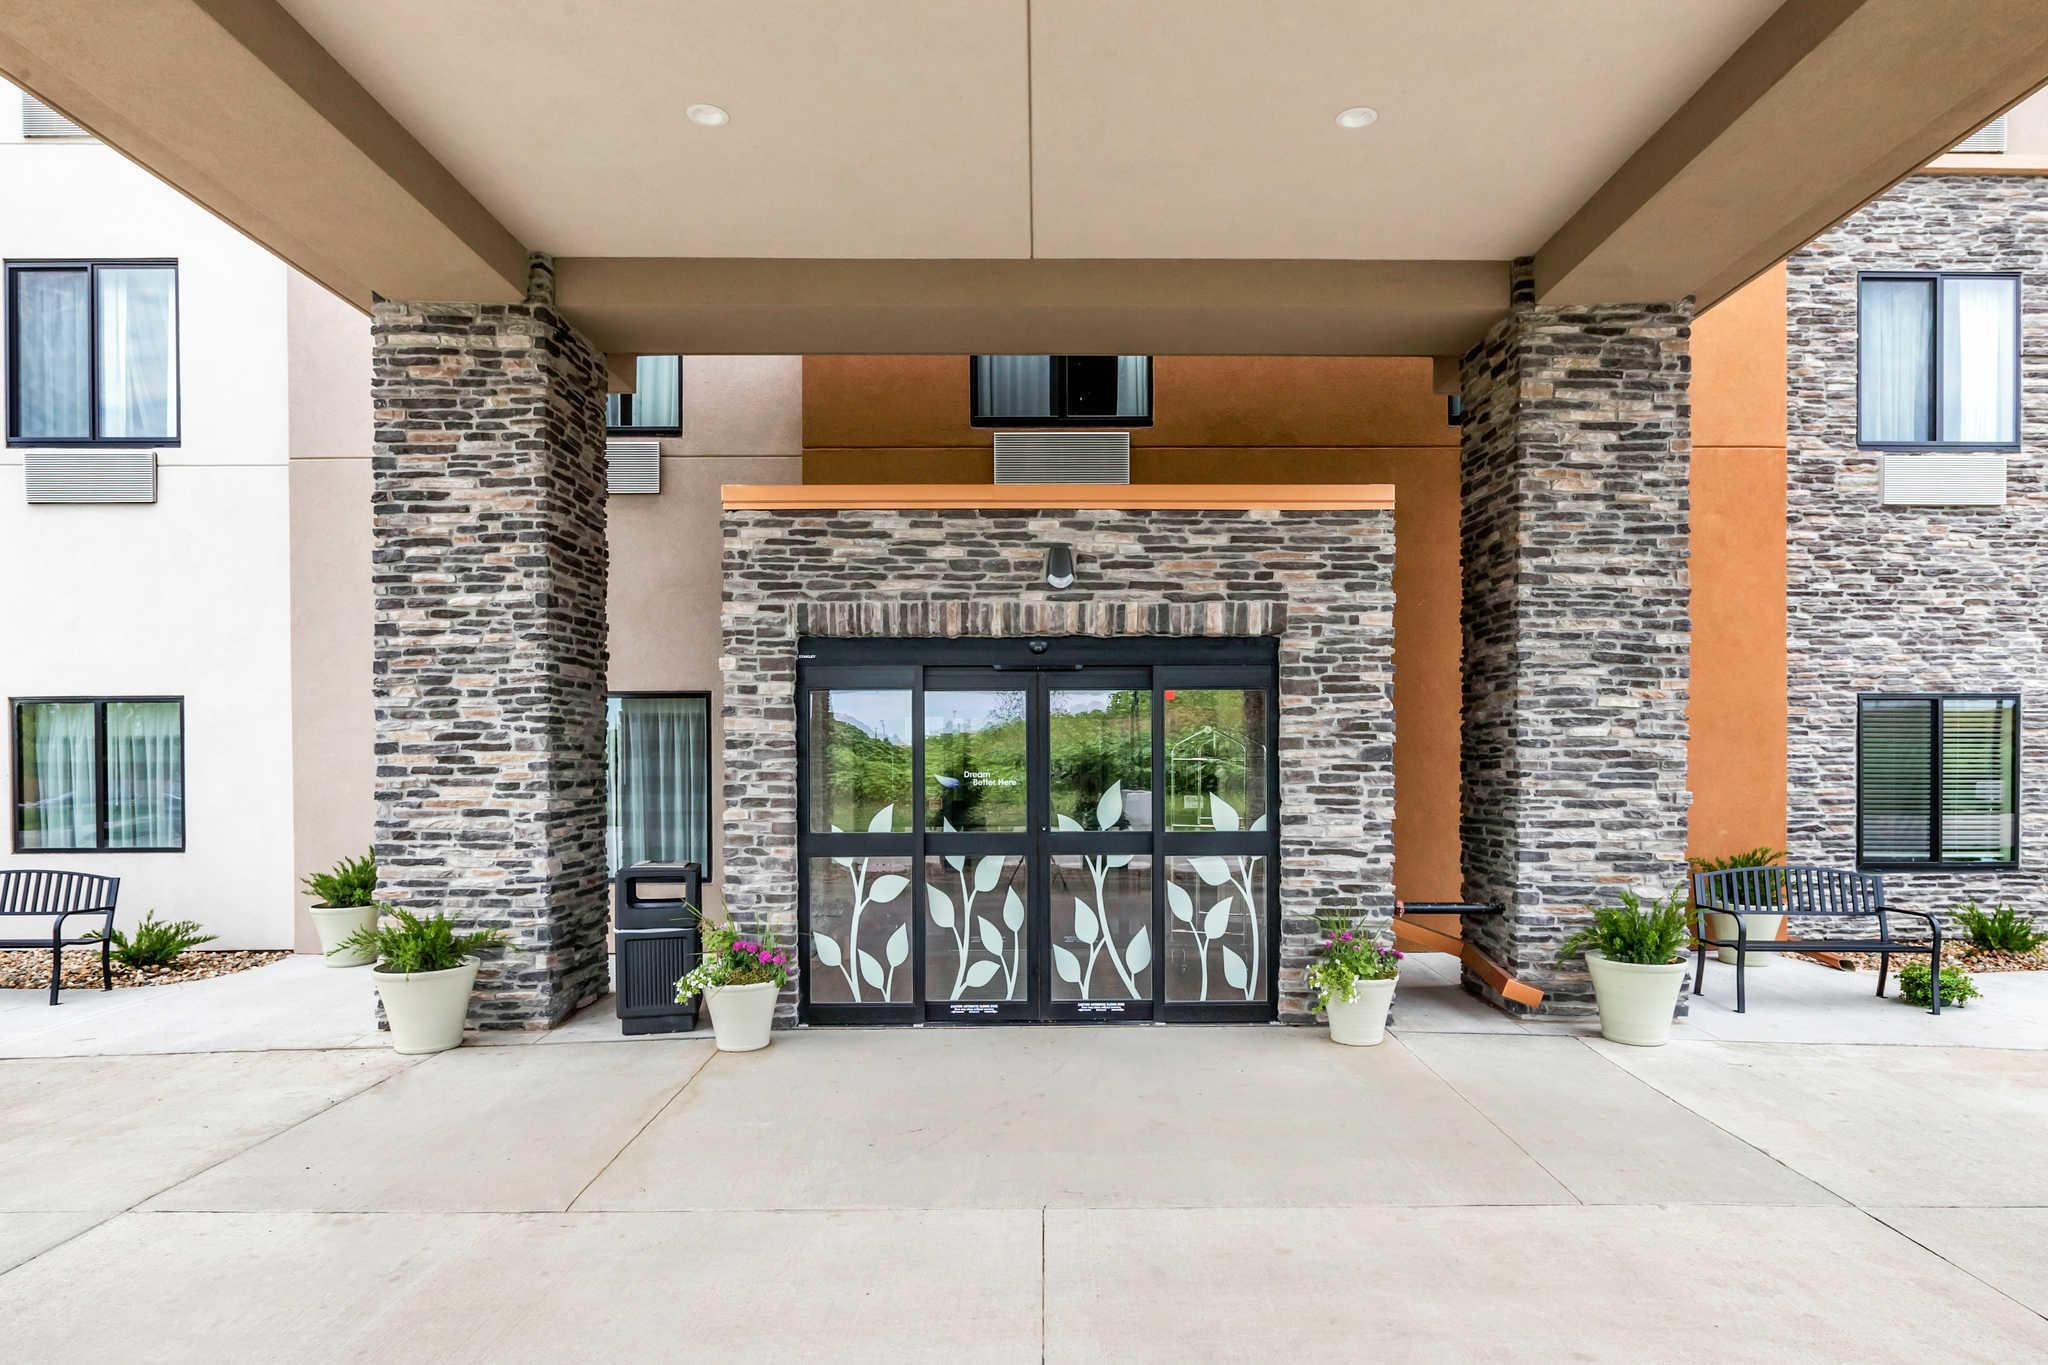 Sleep Inn & Suites West Des Moines near Jordan Creek, West Des Moines Iowa (IA) - LocalDatabase.com